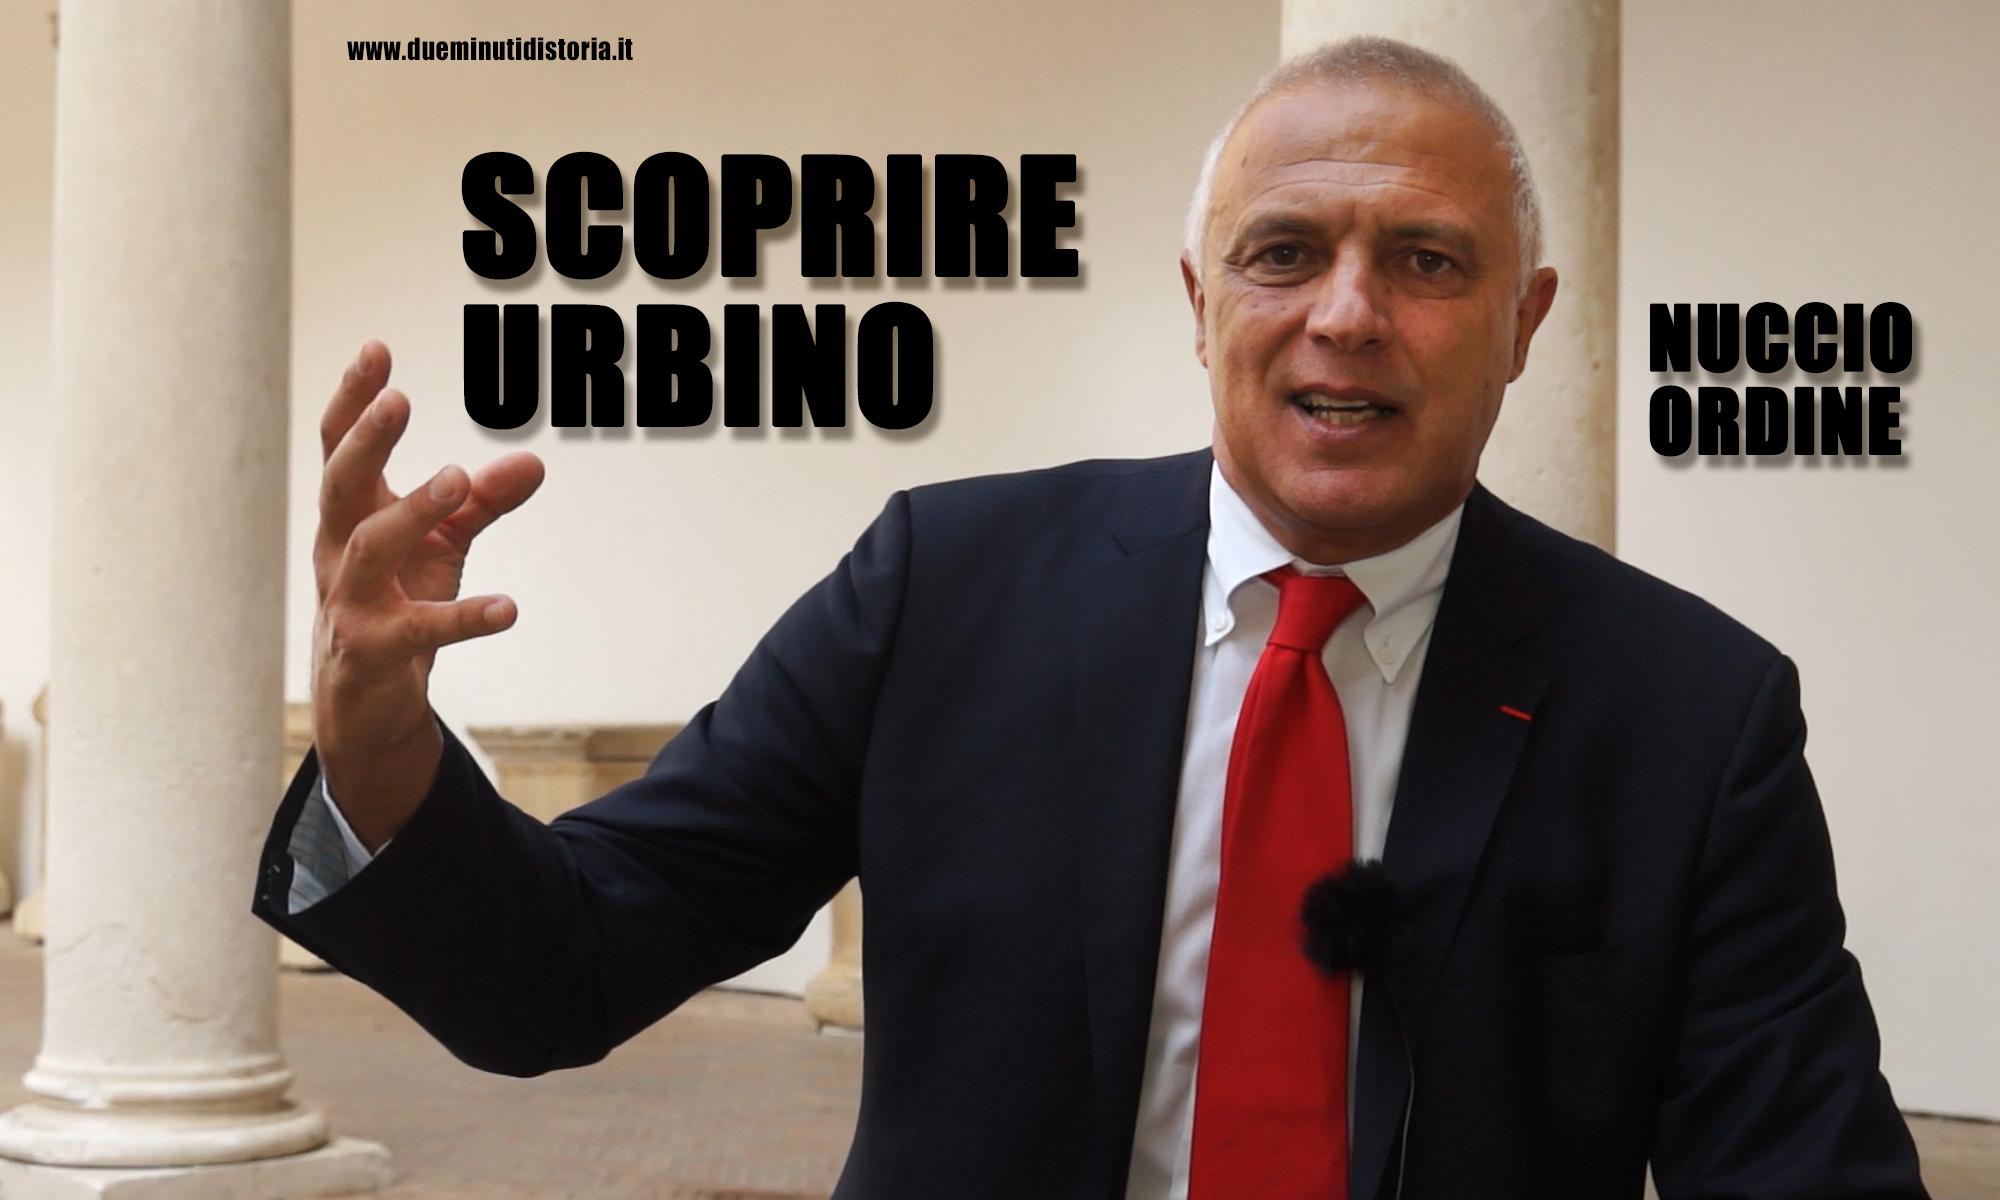 Nuccio Ordine: «Scoprire Urbino»